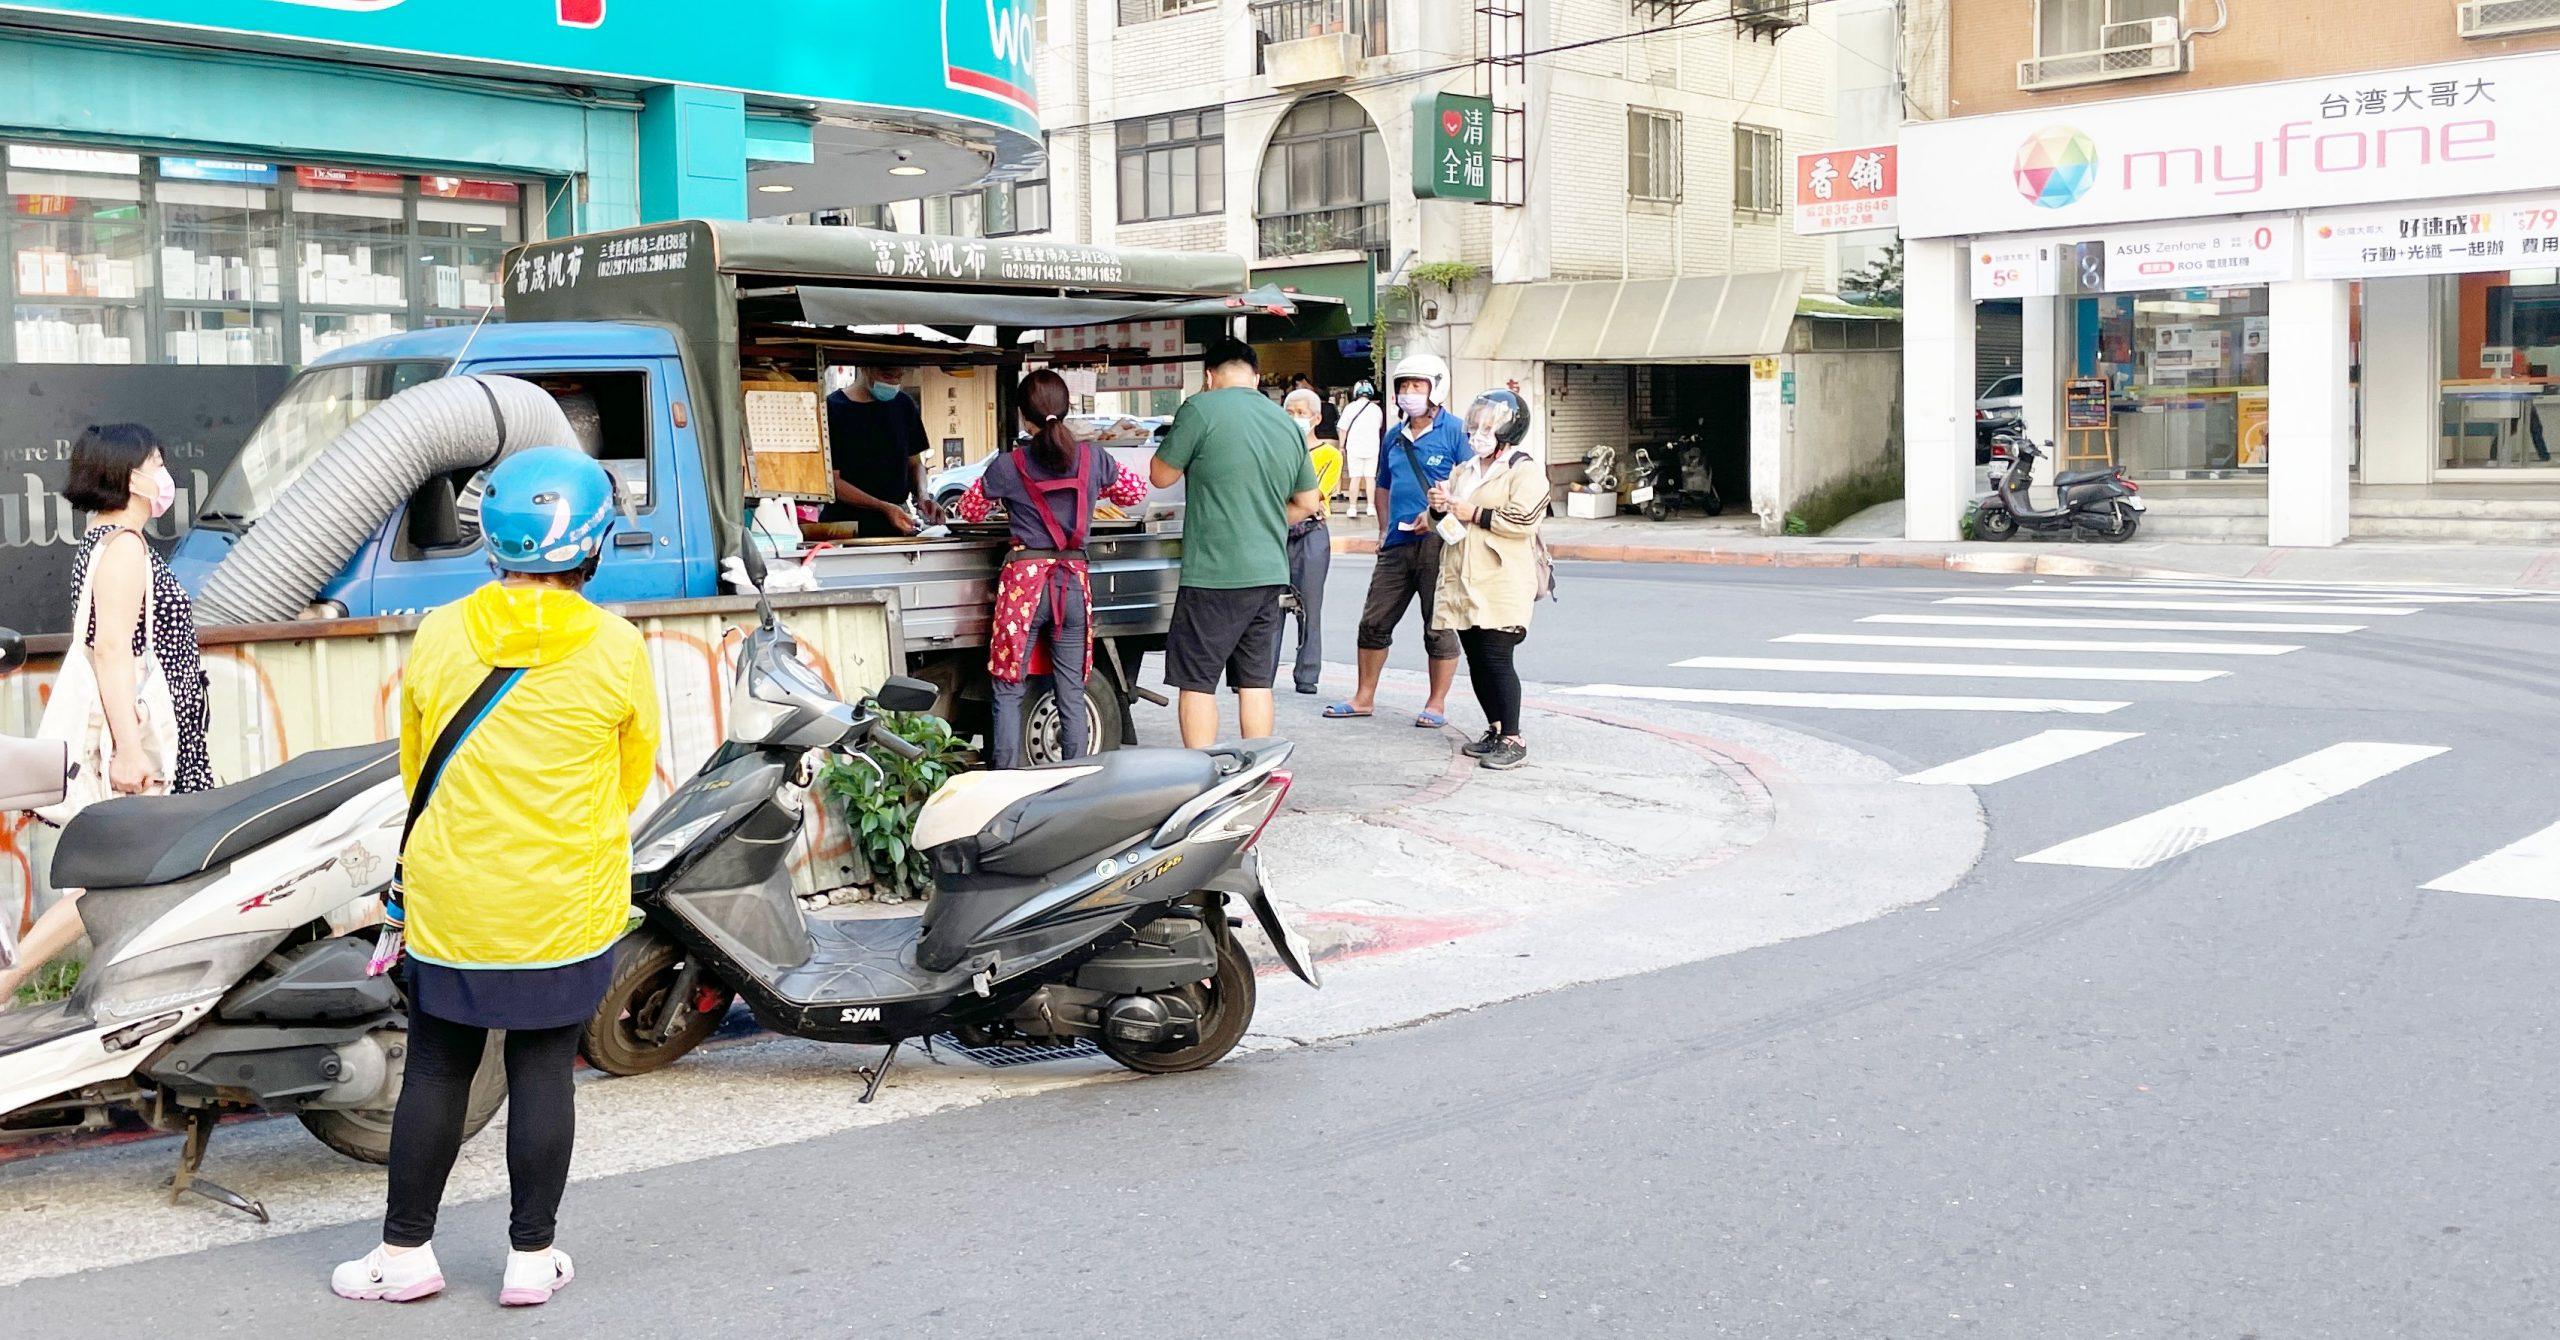 今日熱門文章:【天母美食】小貨車蔥油餅,全部都只要$30!一天只賣四小時